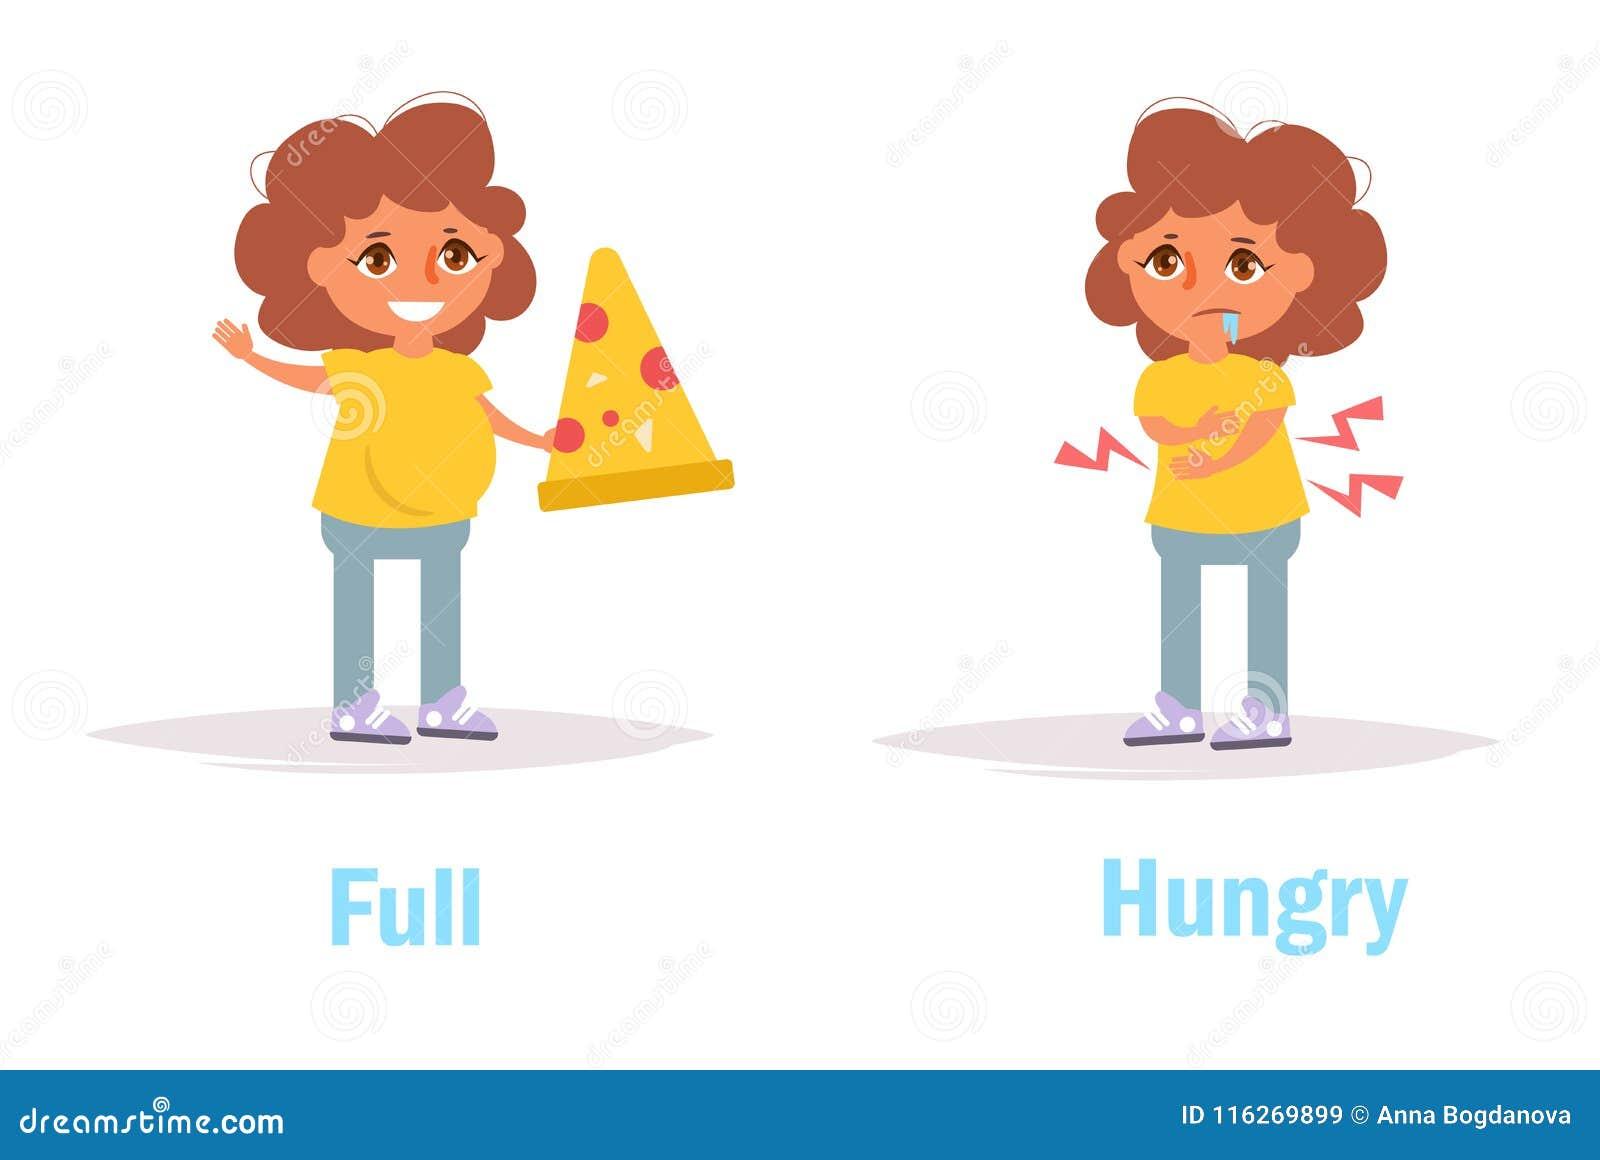 Full Hungry Opposite Antonyms Stock Vector - Illustration of